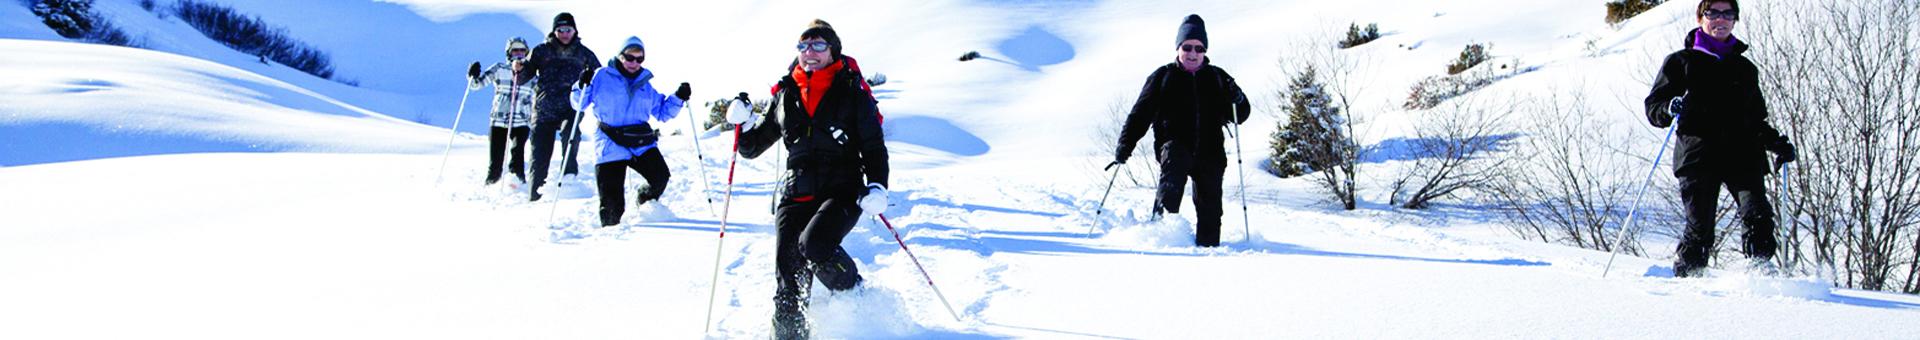 Activités & Loisirs > Raquettes à neige > tetiere